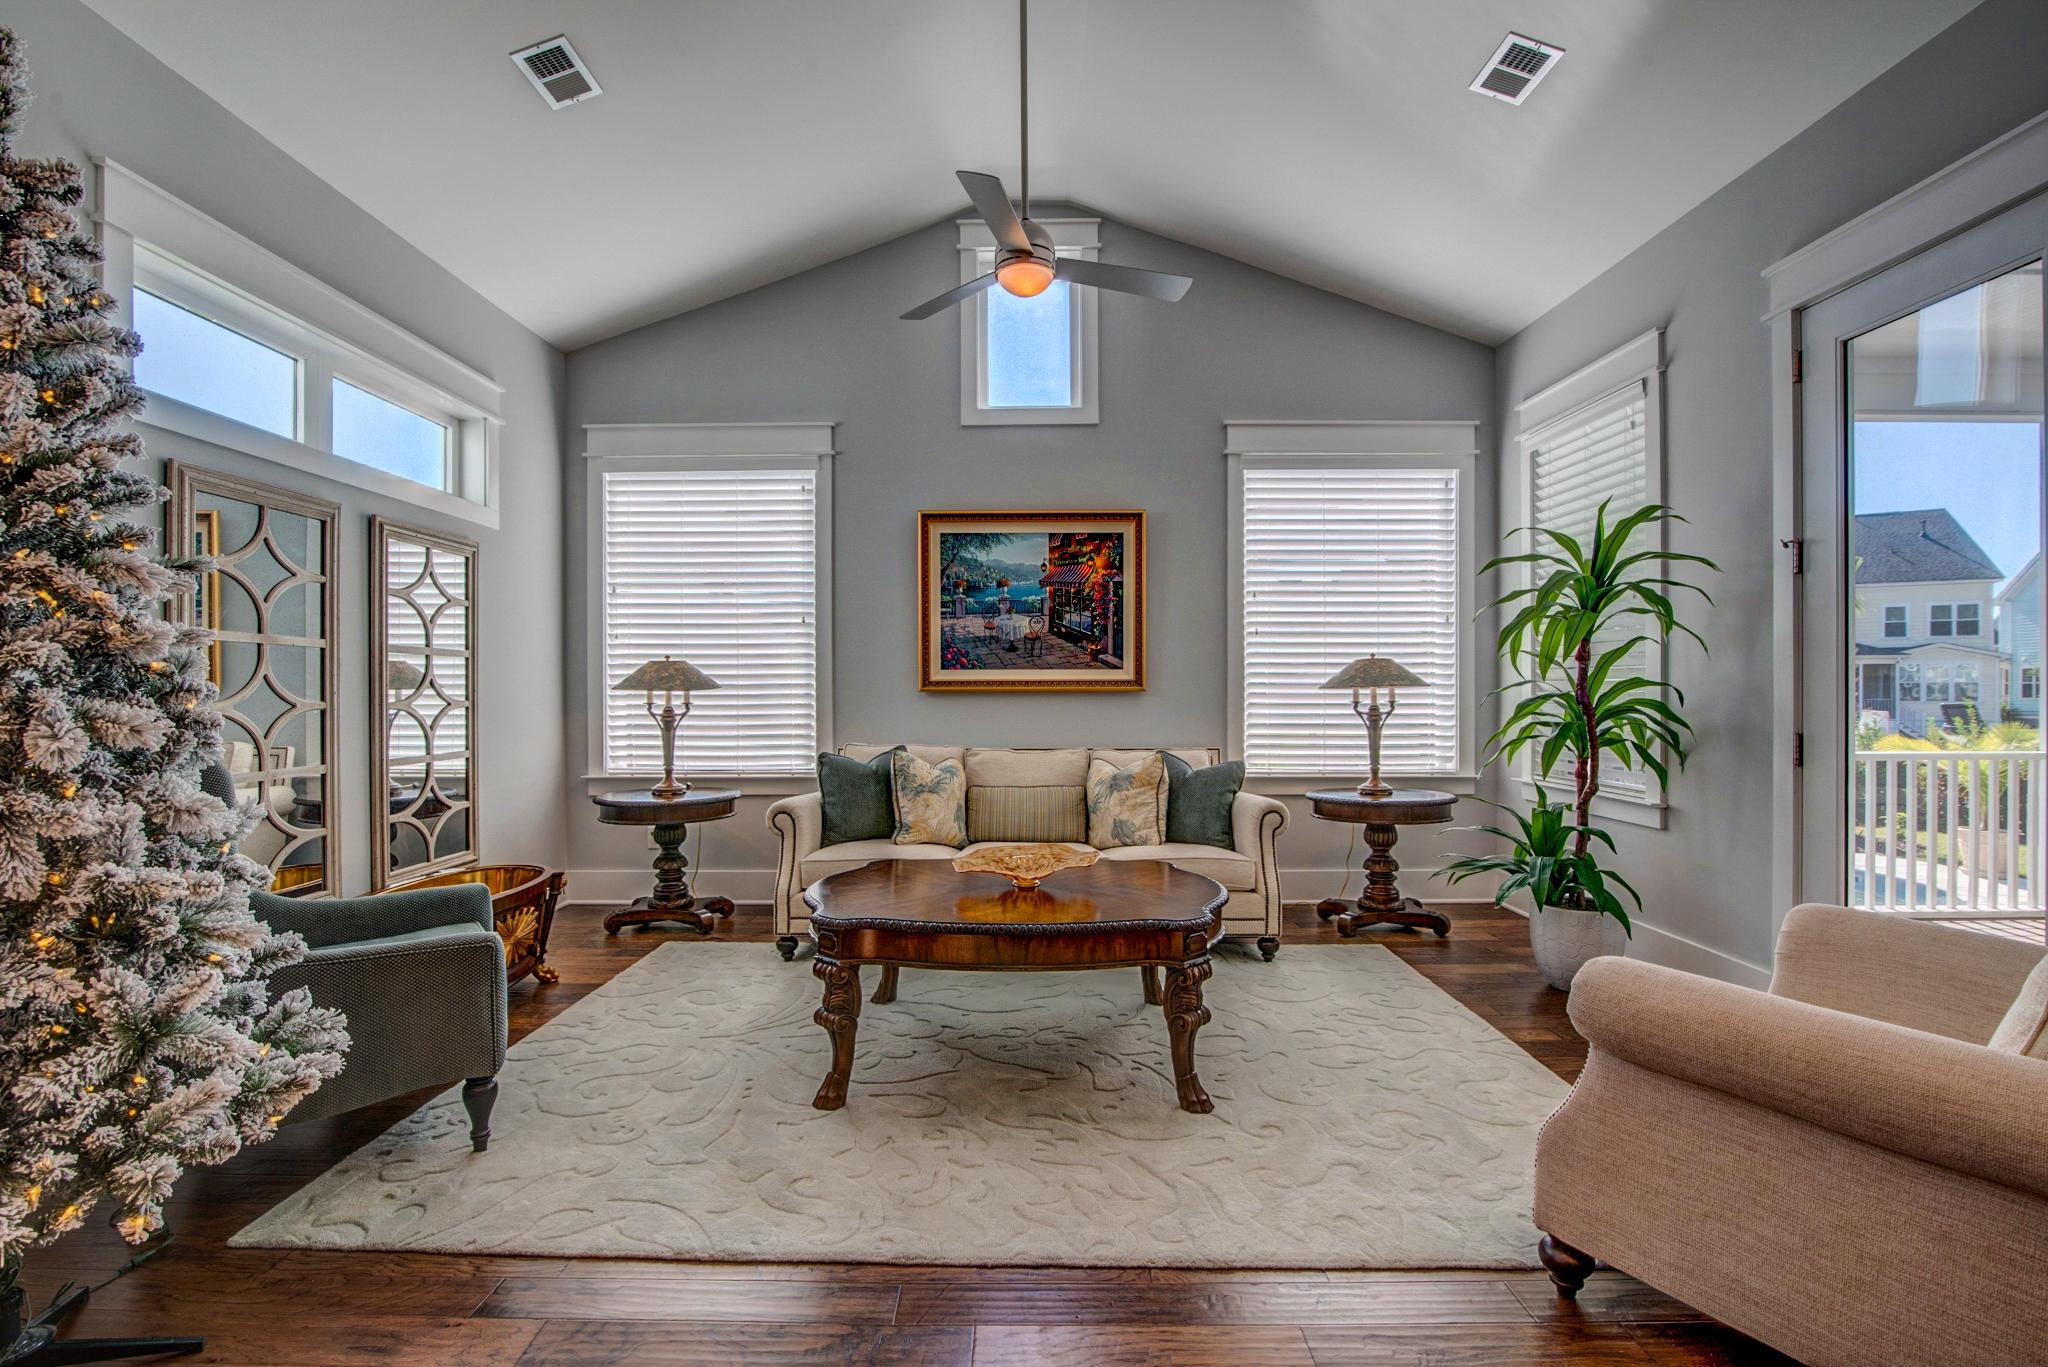 Dunes West Homes For Sale - 2883 River Vista, Mount Pleasant, SC - 50